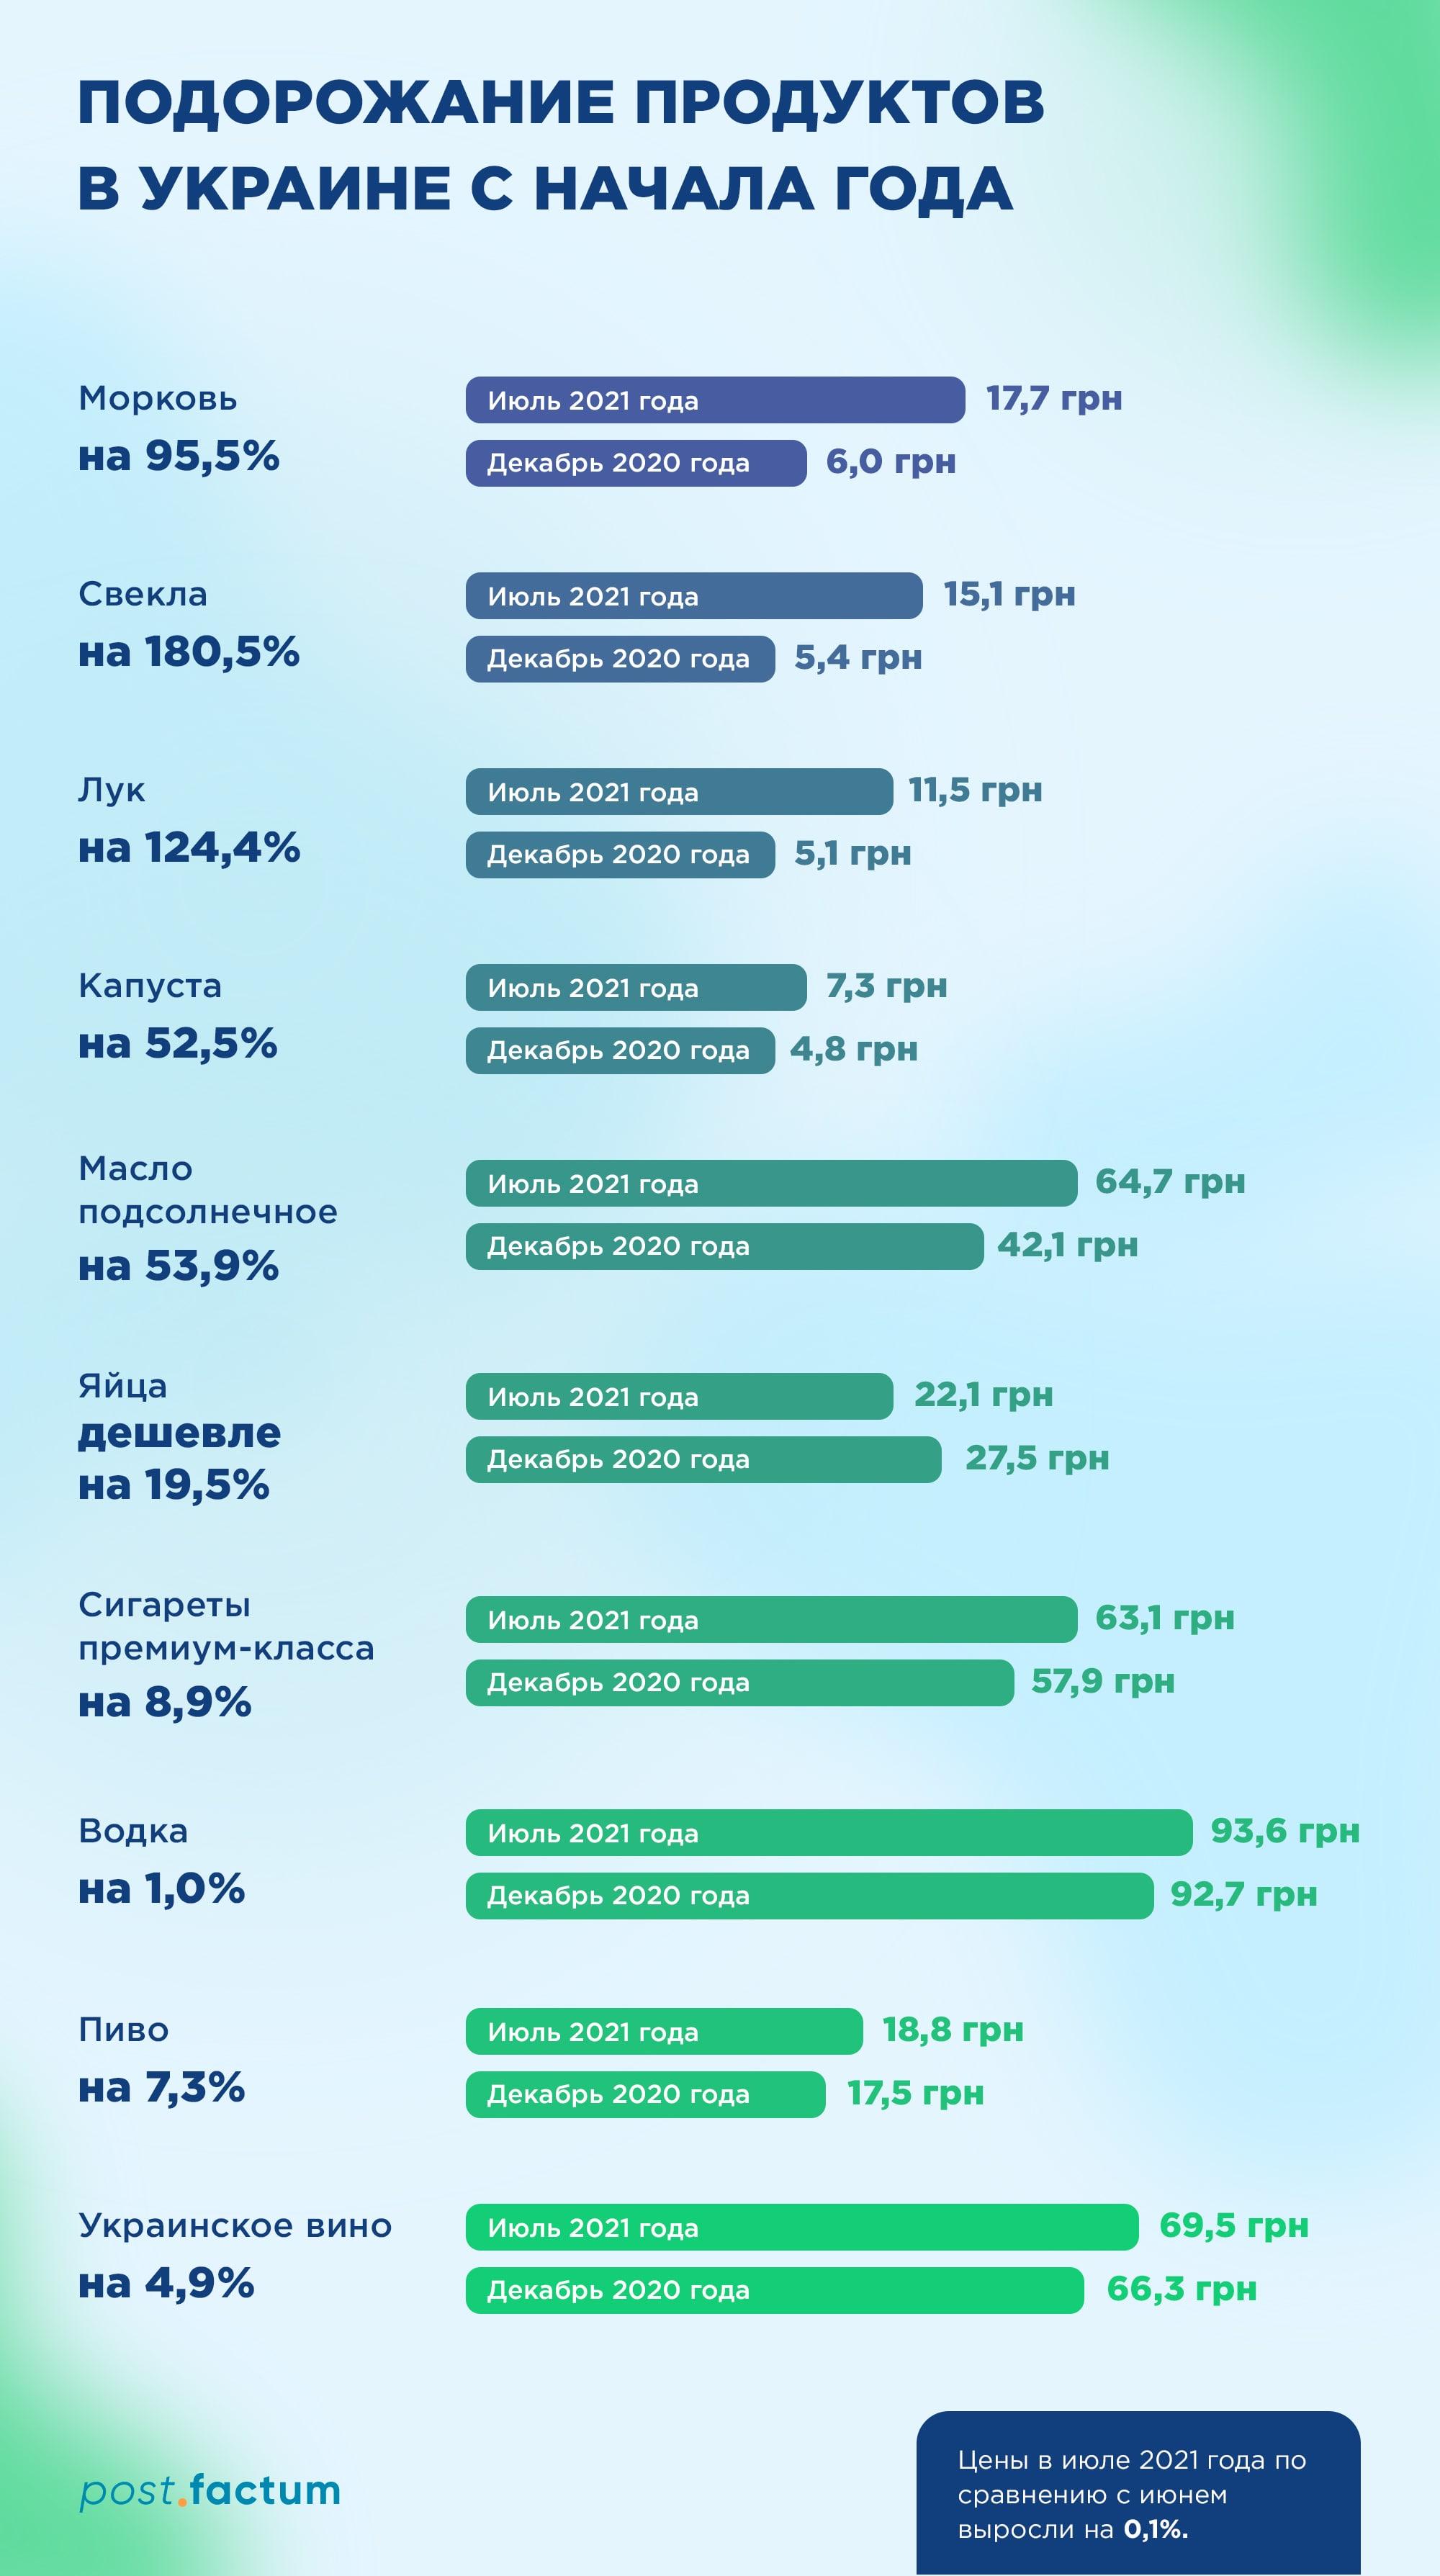 Инфографика: какие продукты с начала года подорожали сильнее всего — фото 1